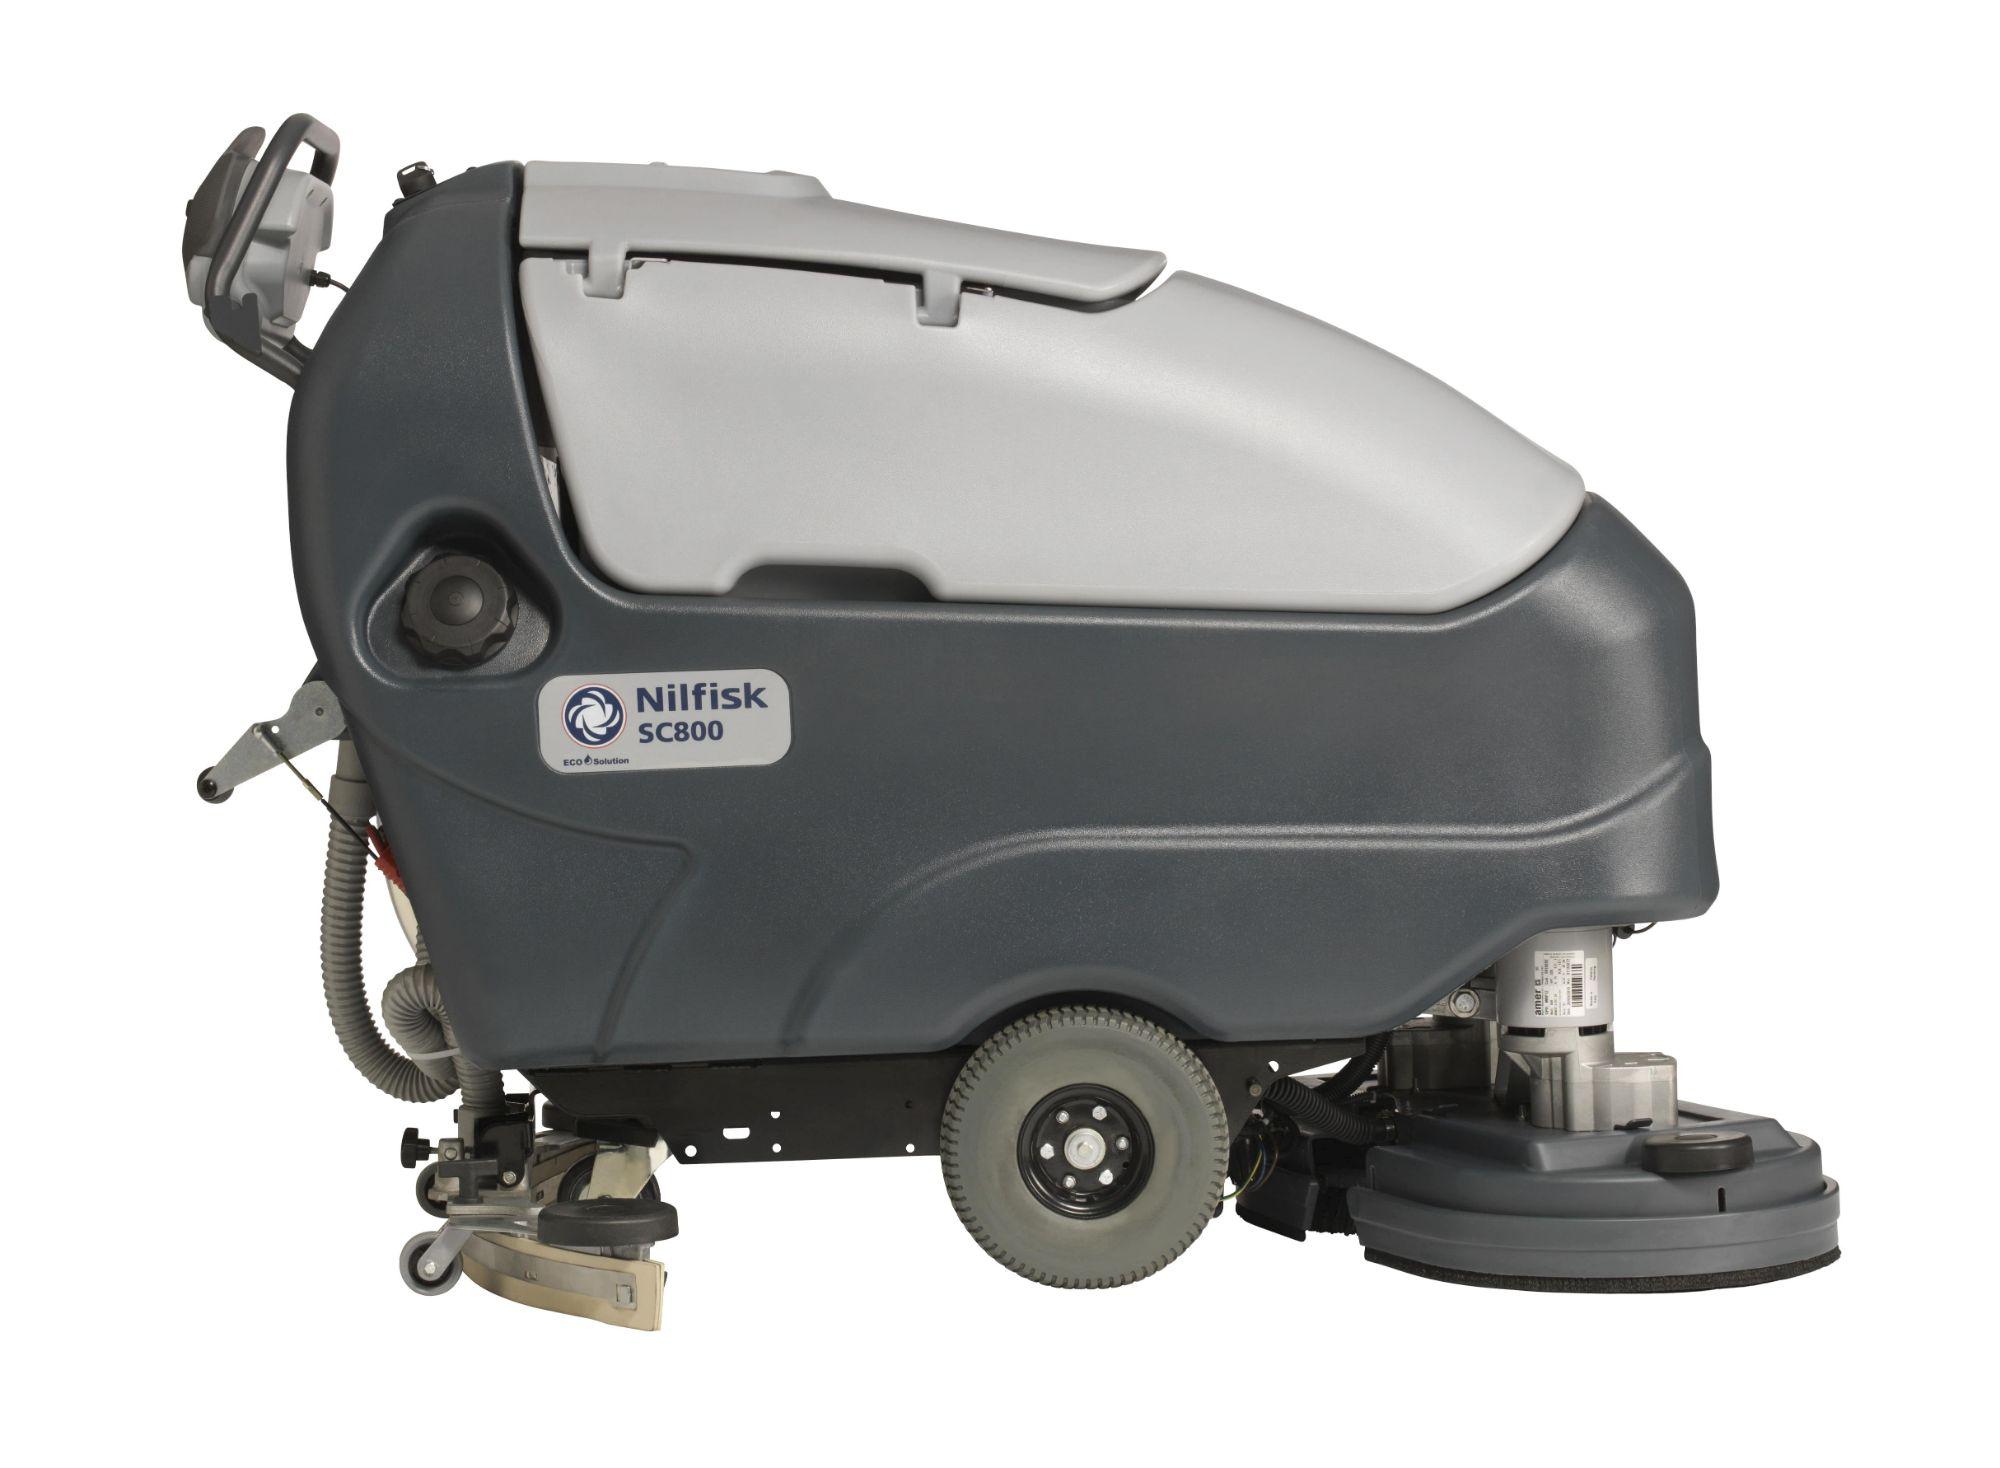 Nilfisk SC800 Pedestrian Scrubber Dryer Side-min